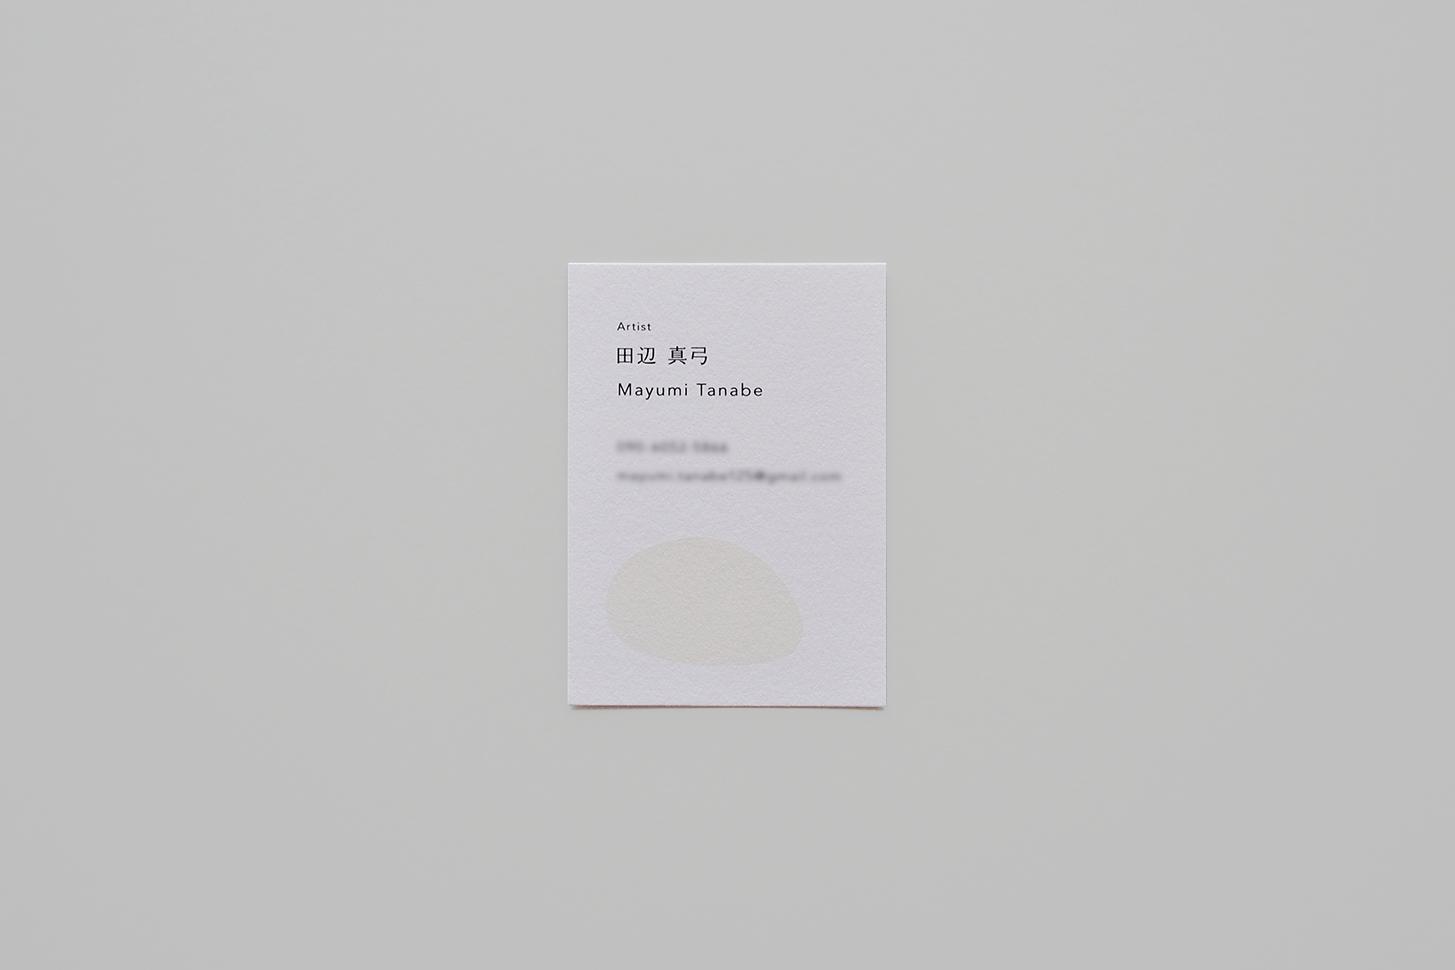 tanabe_namecard4